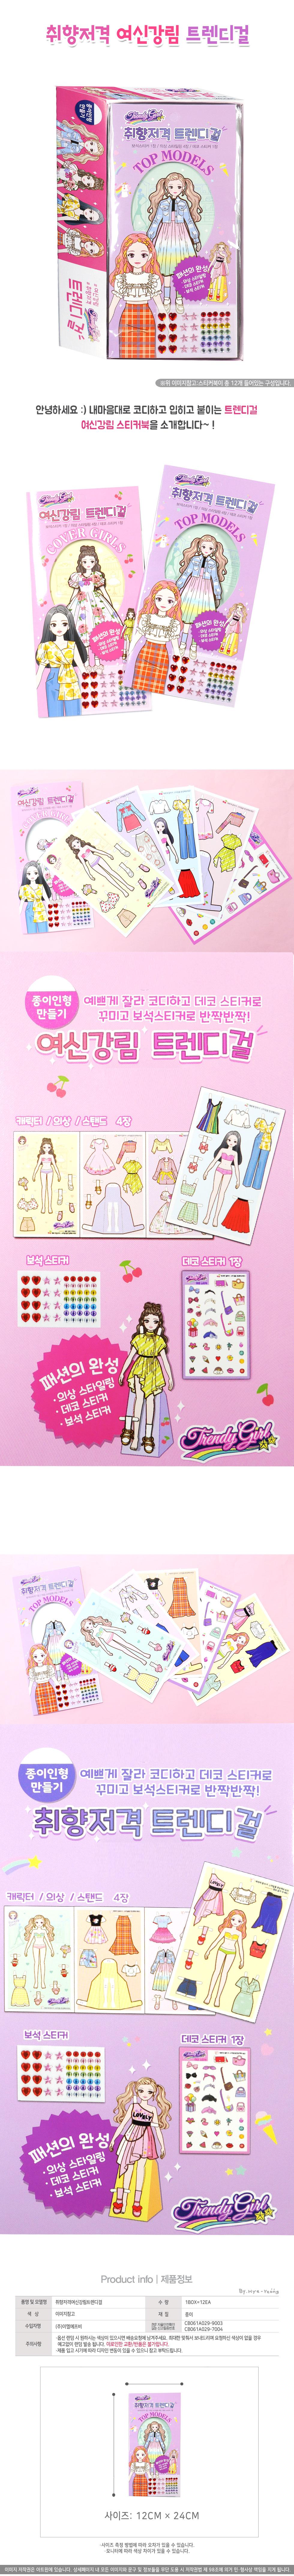 2000취향저격여신강림트렌디걸BOX(12).jpg